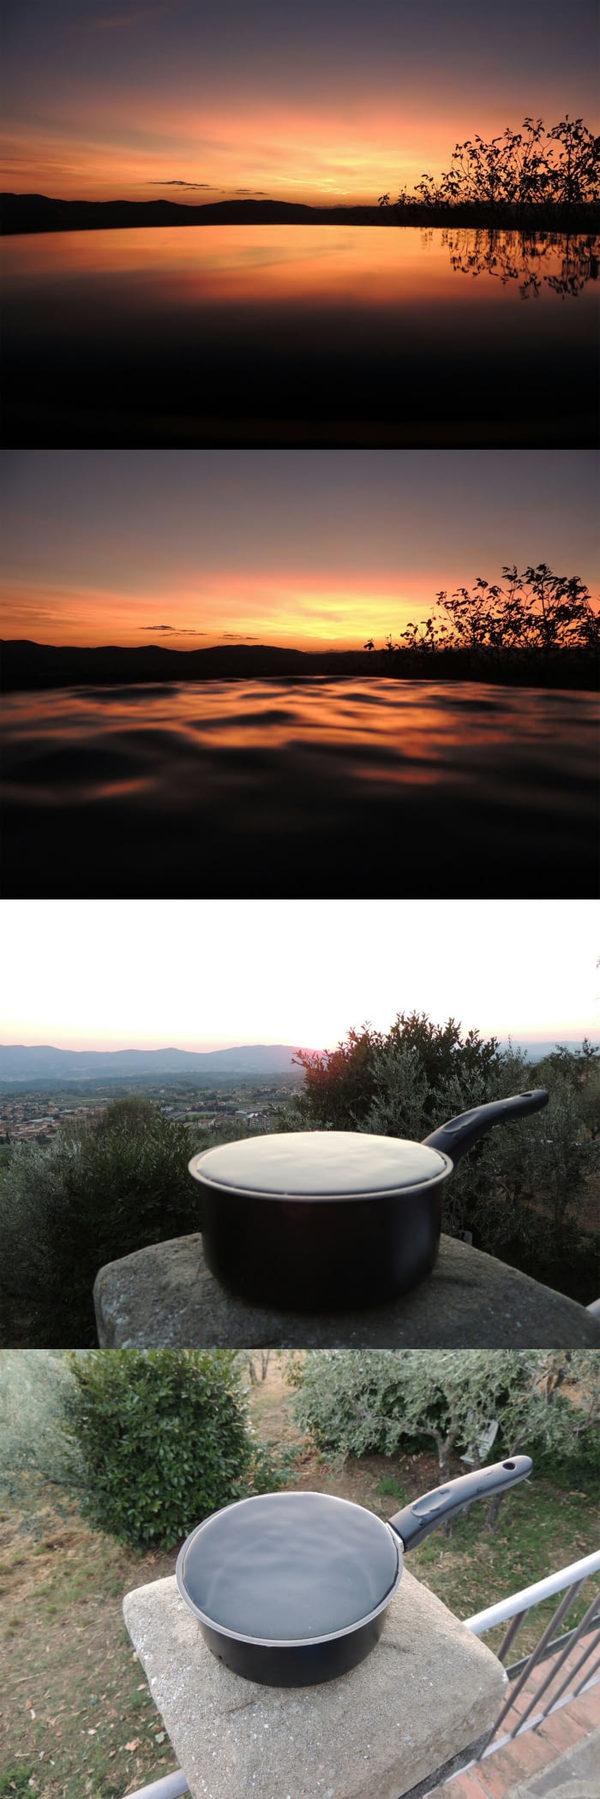 Когда тебе очень нужно фото с озера, но ближайшее в 200км. фотография, длиннопост, не мое, 9gag